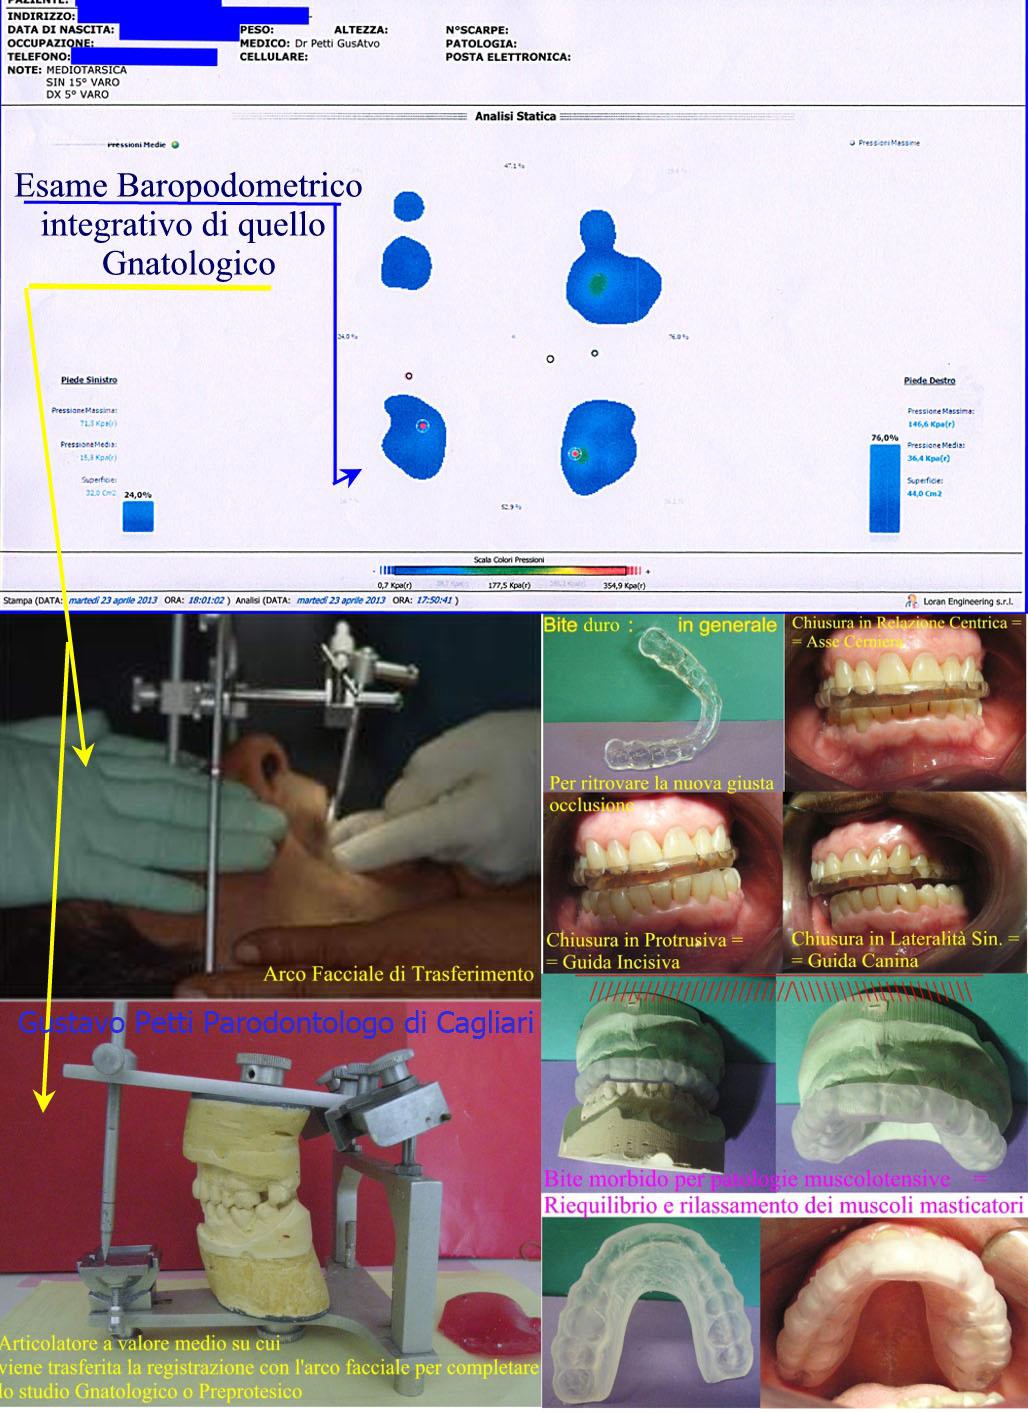 analisi-gnatologica-dr-g.petti-cagliari-1010.jpg